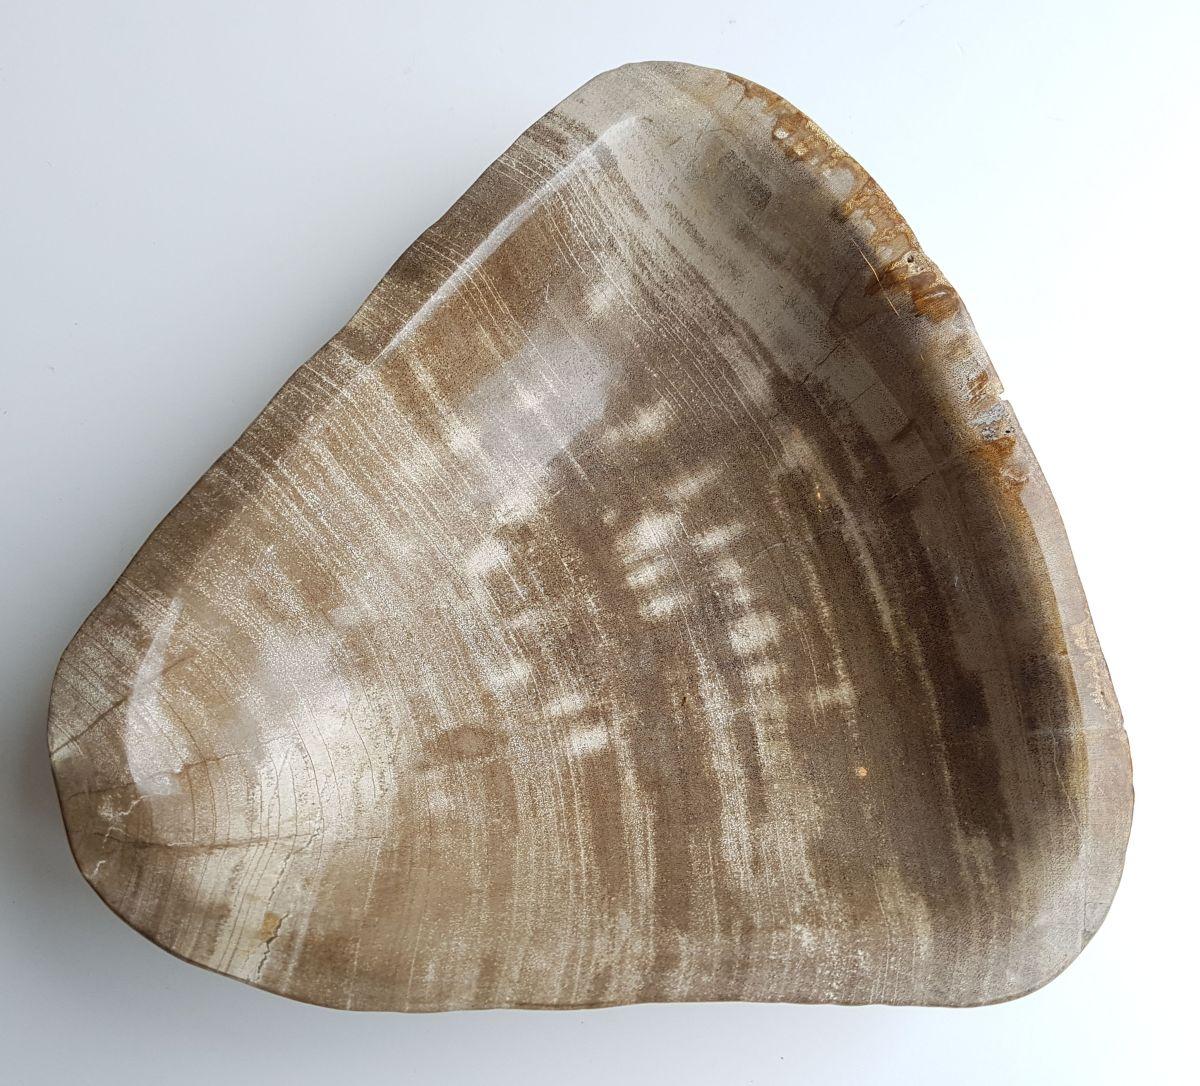 Schale versteinertes Holz 33043